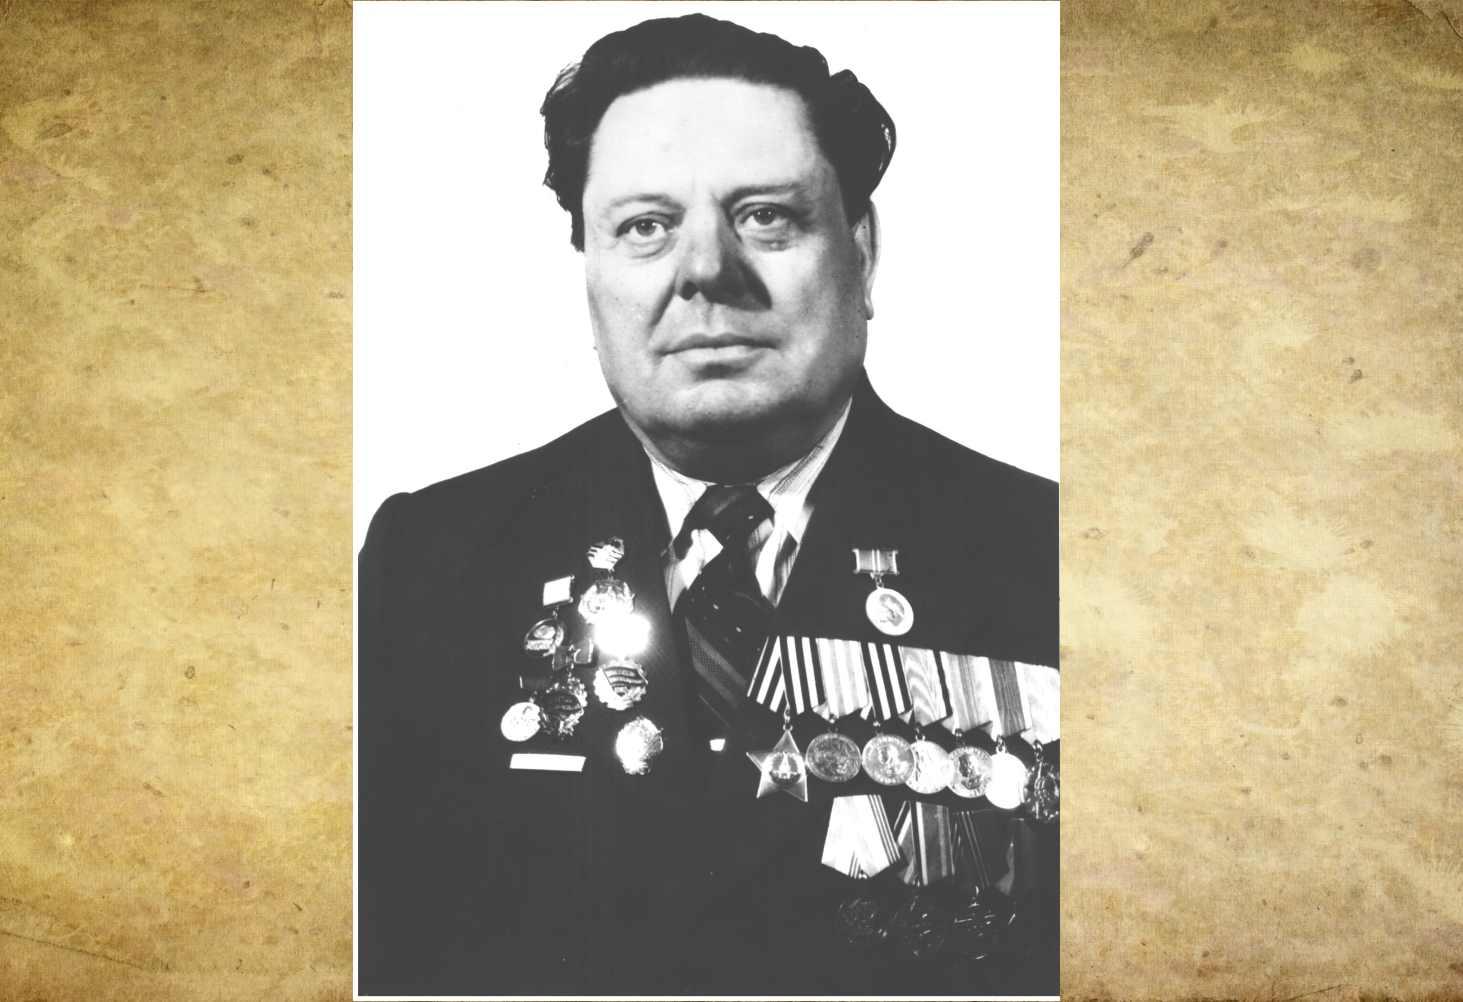 bekasov-aleksandr-trofimovich-soldat-velikoj-otechestvennoj-vojny